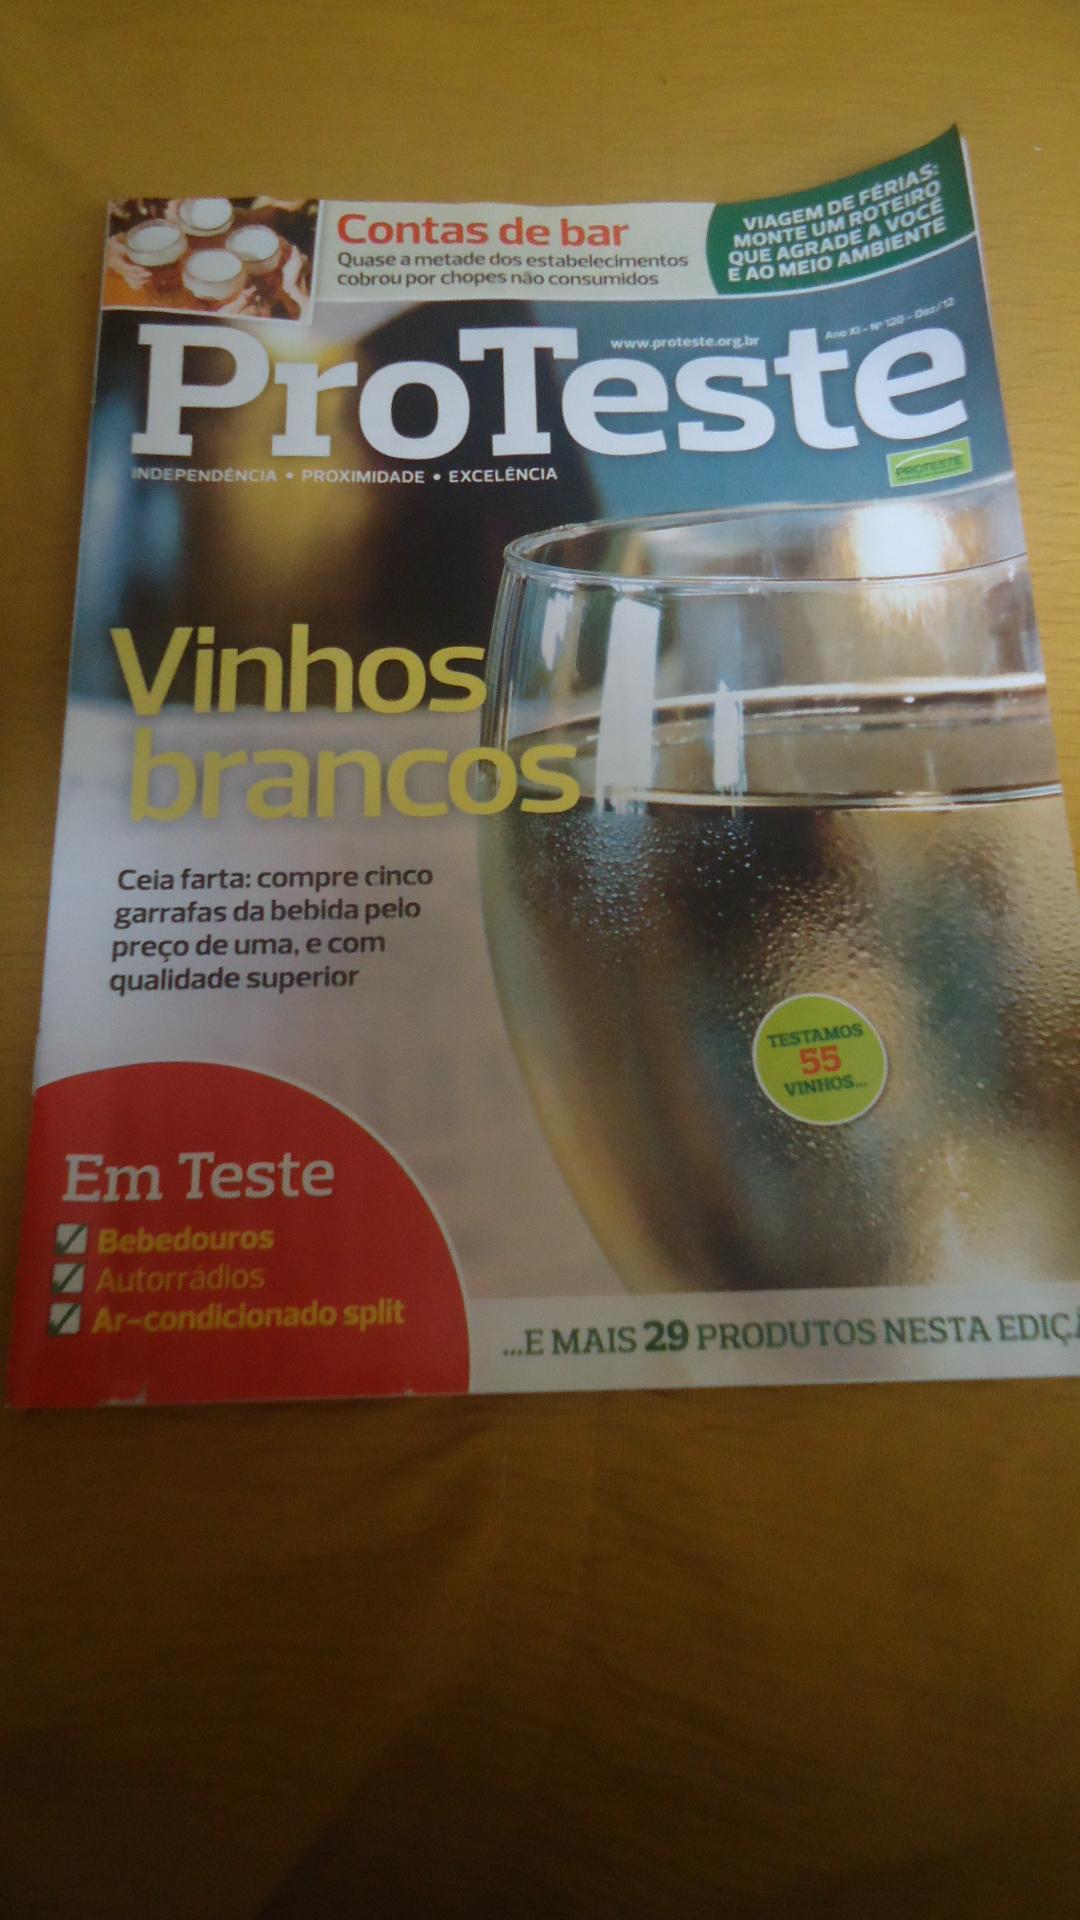 b0596a639 A revista Proteste (n° 120 – Dez 2012) levou para o laboratório 55 marcas  de vinhos nacionais